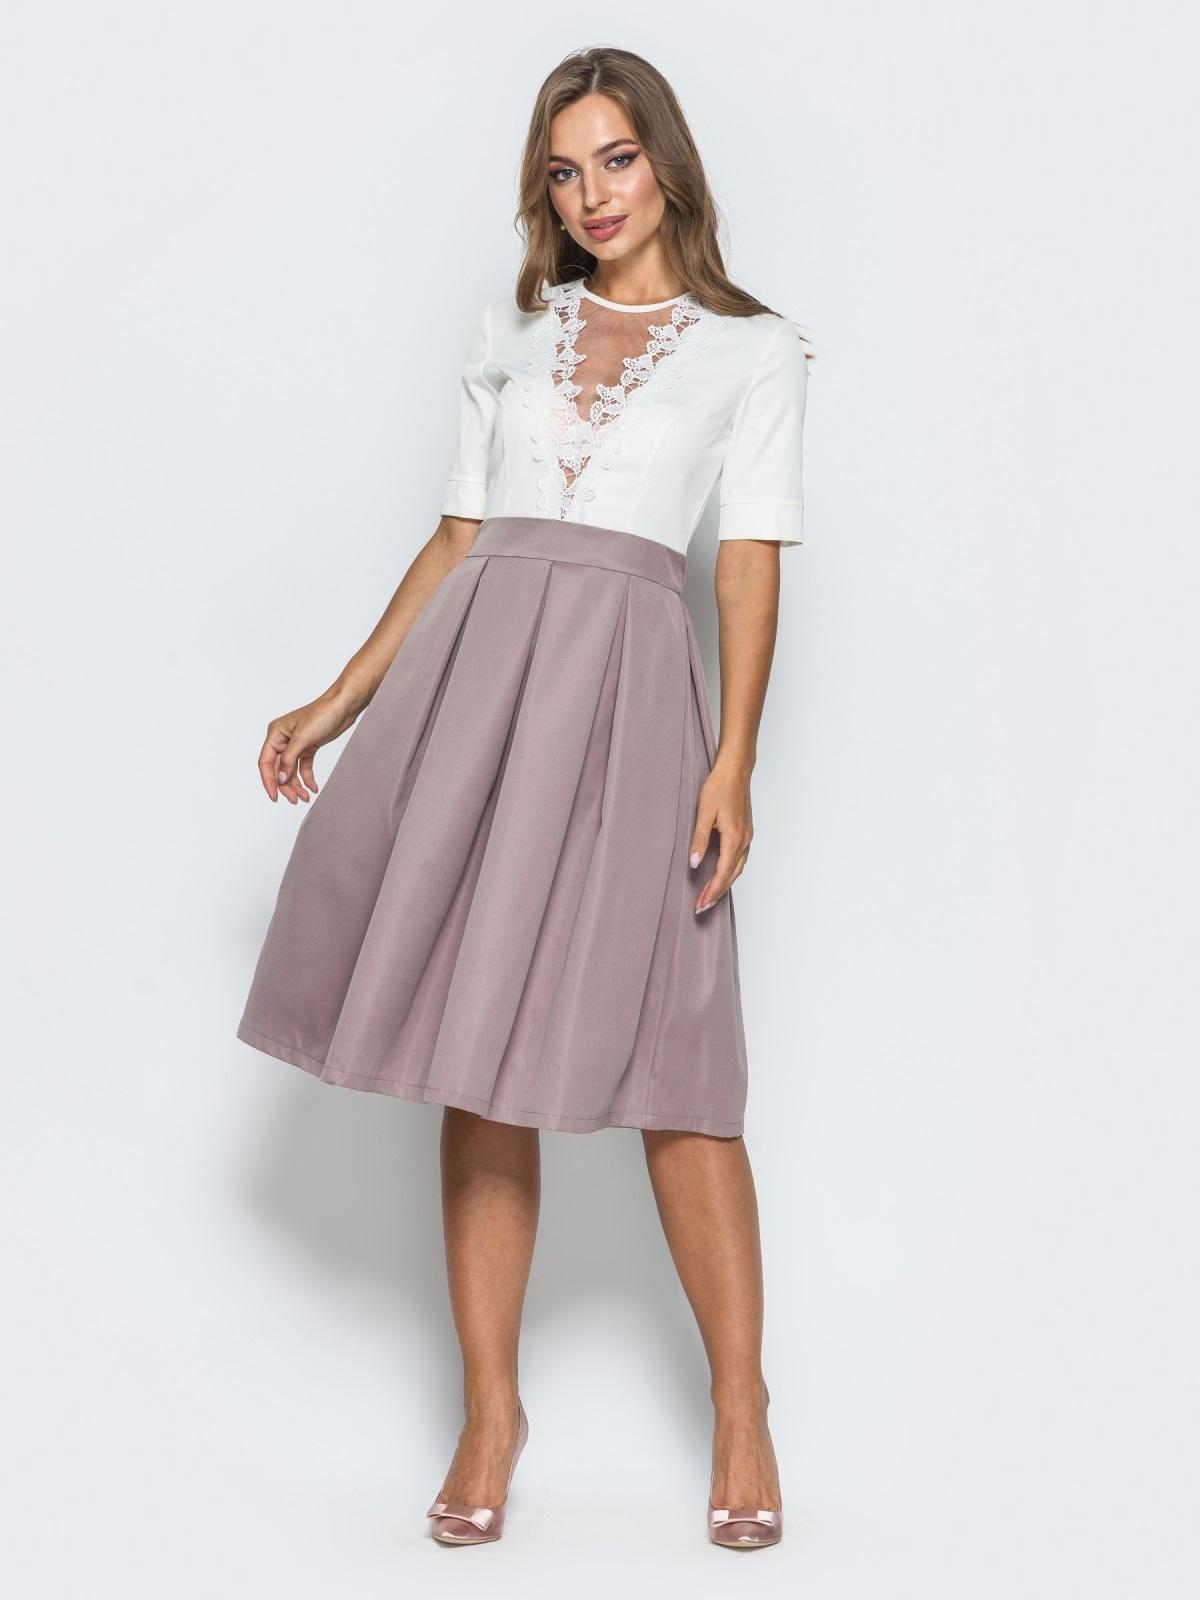 Платье с фатином и кружевом на полочке розовое - 14638, фото 1 – интернет-магазин Dressa